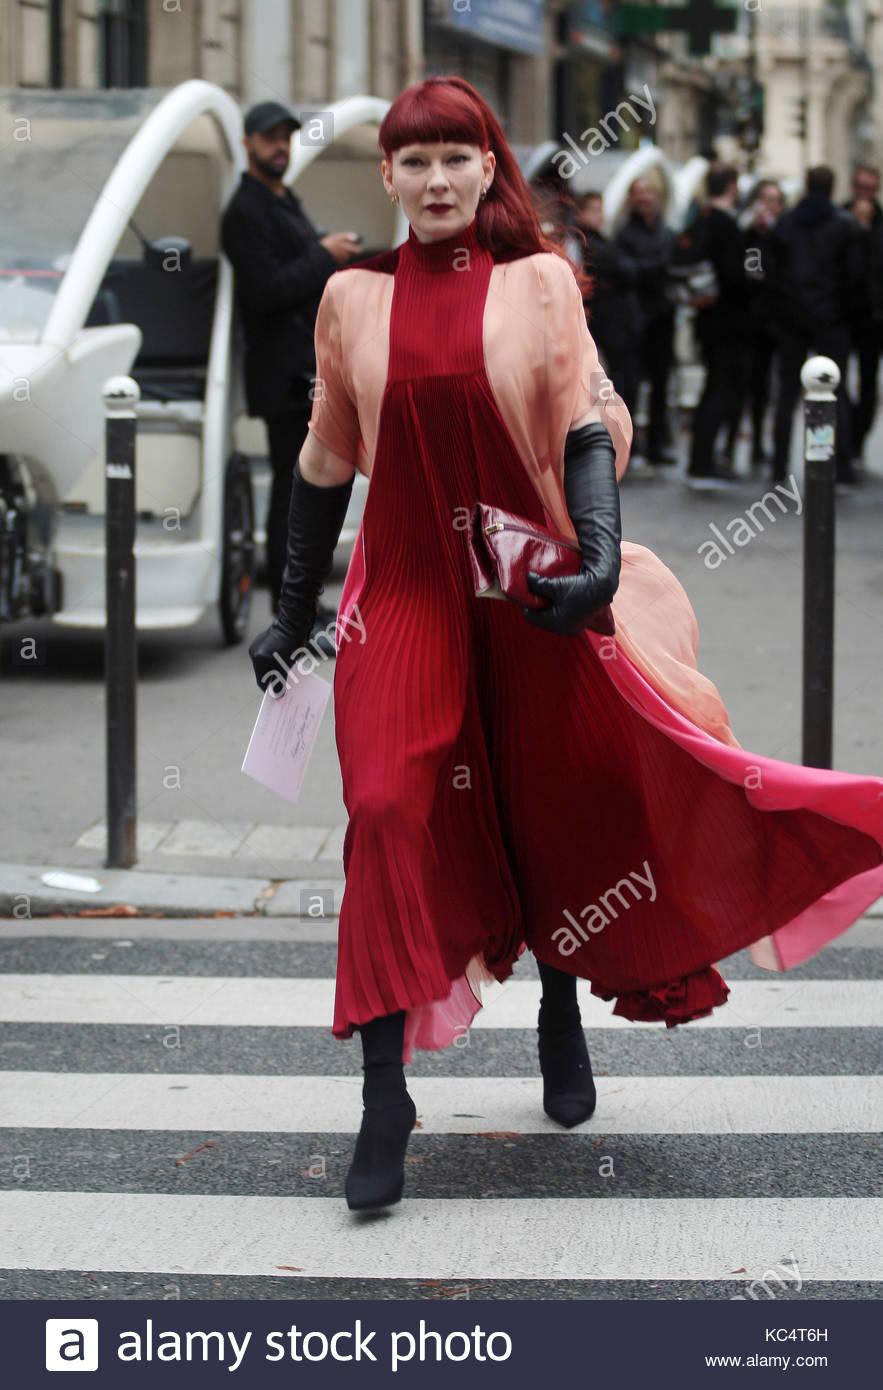 Strada Moda Lo Di Della Stile Parigi Settimana Durante La LSzGqVUMp